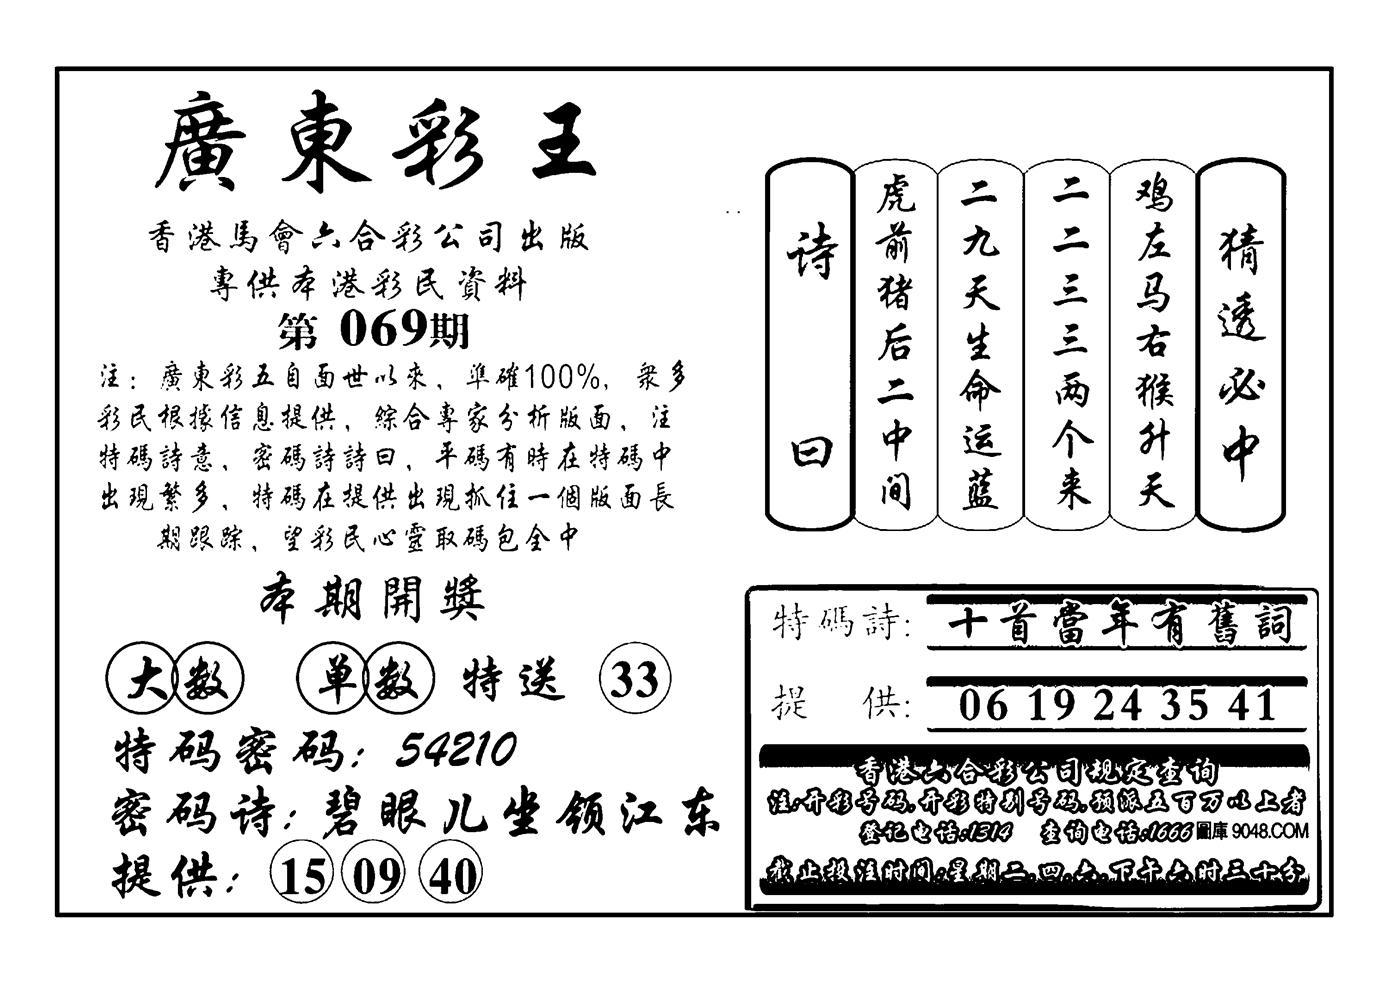 069期广东彩王(黑白)